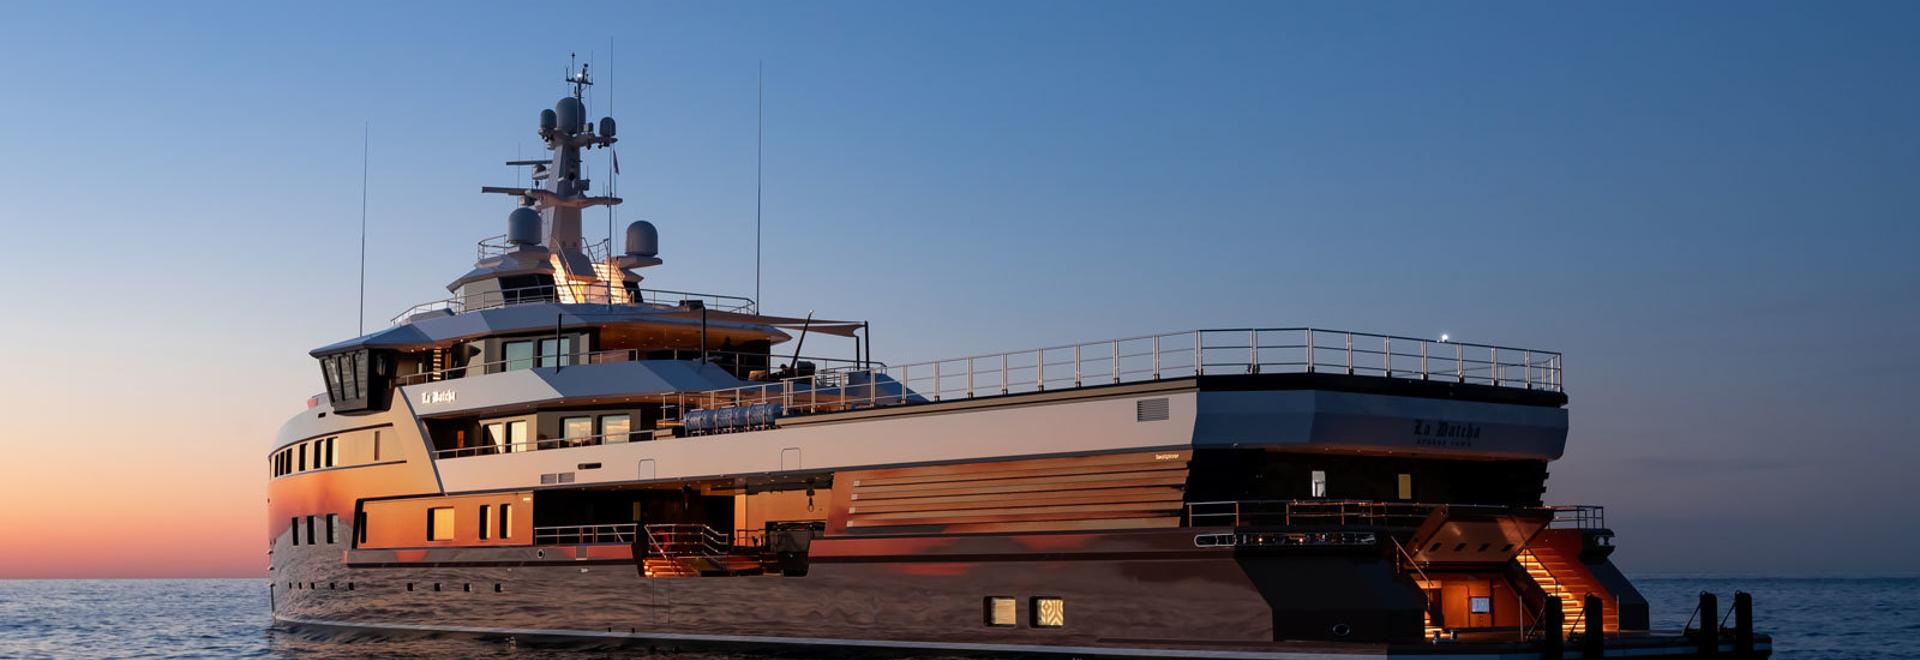 Galerie: Das Innere der ersten SeaXplorer 77 Superyacht La Datcha